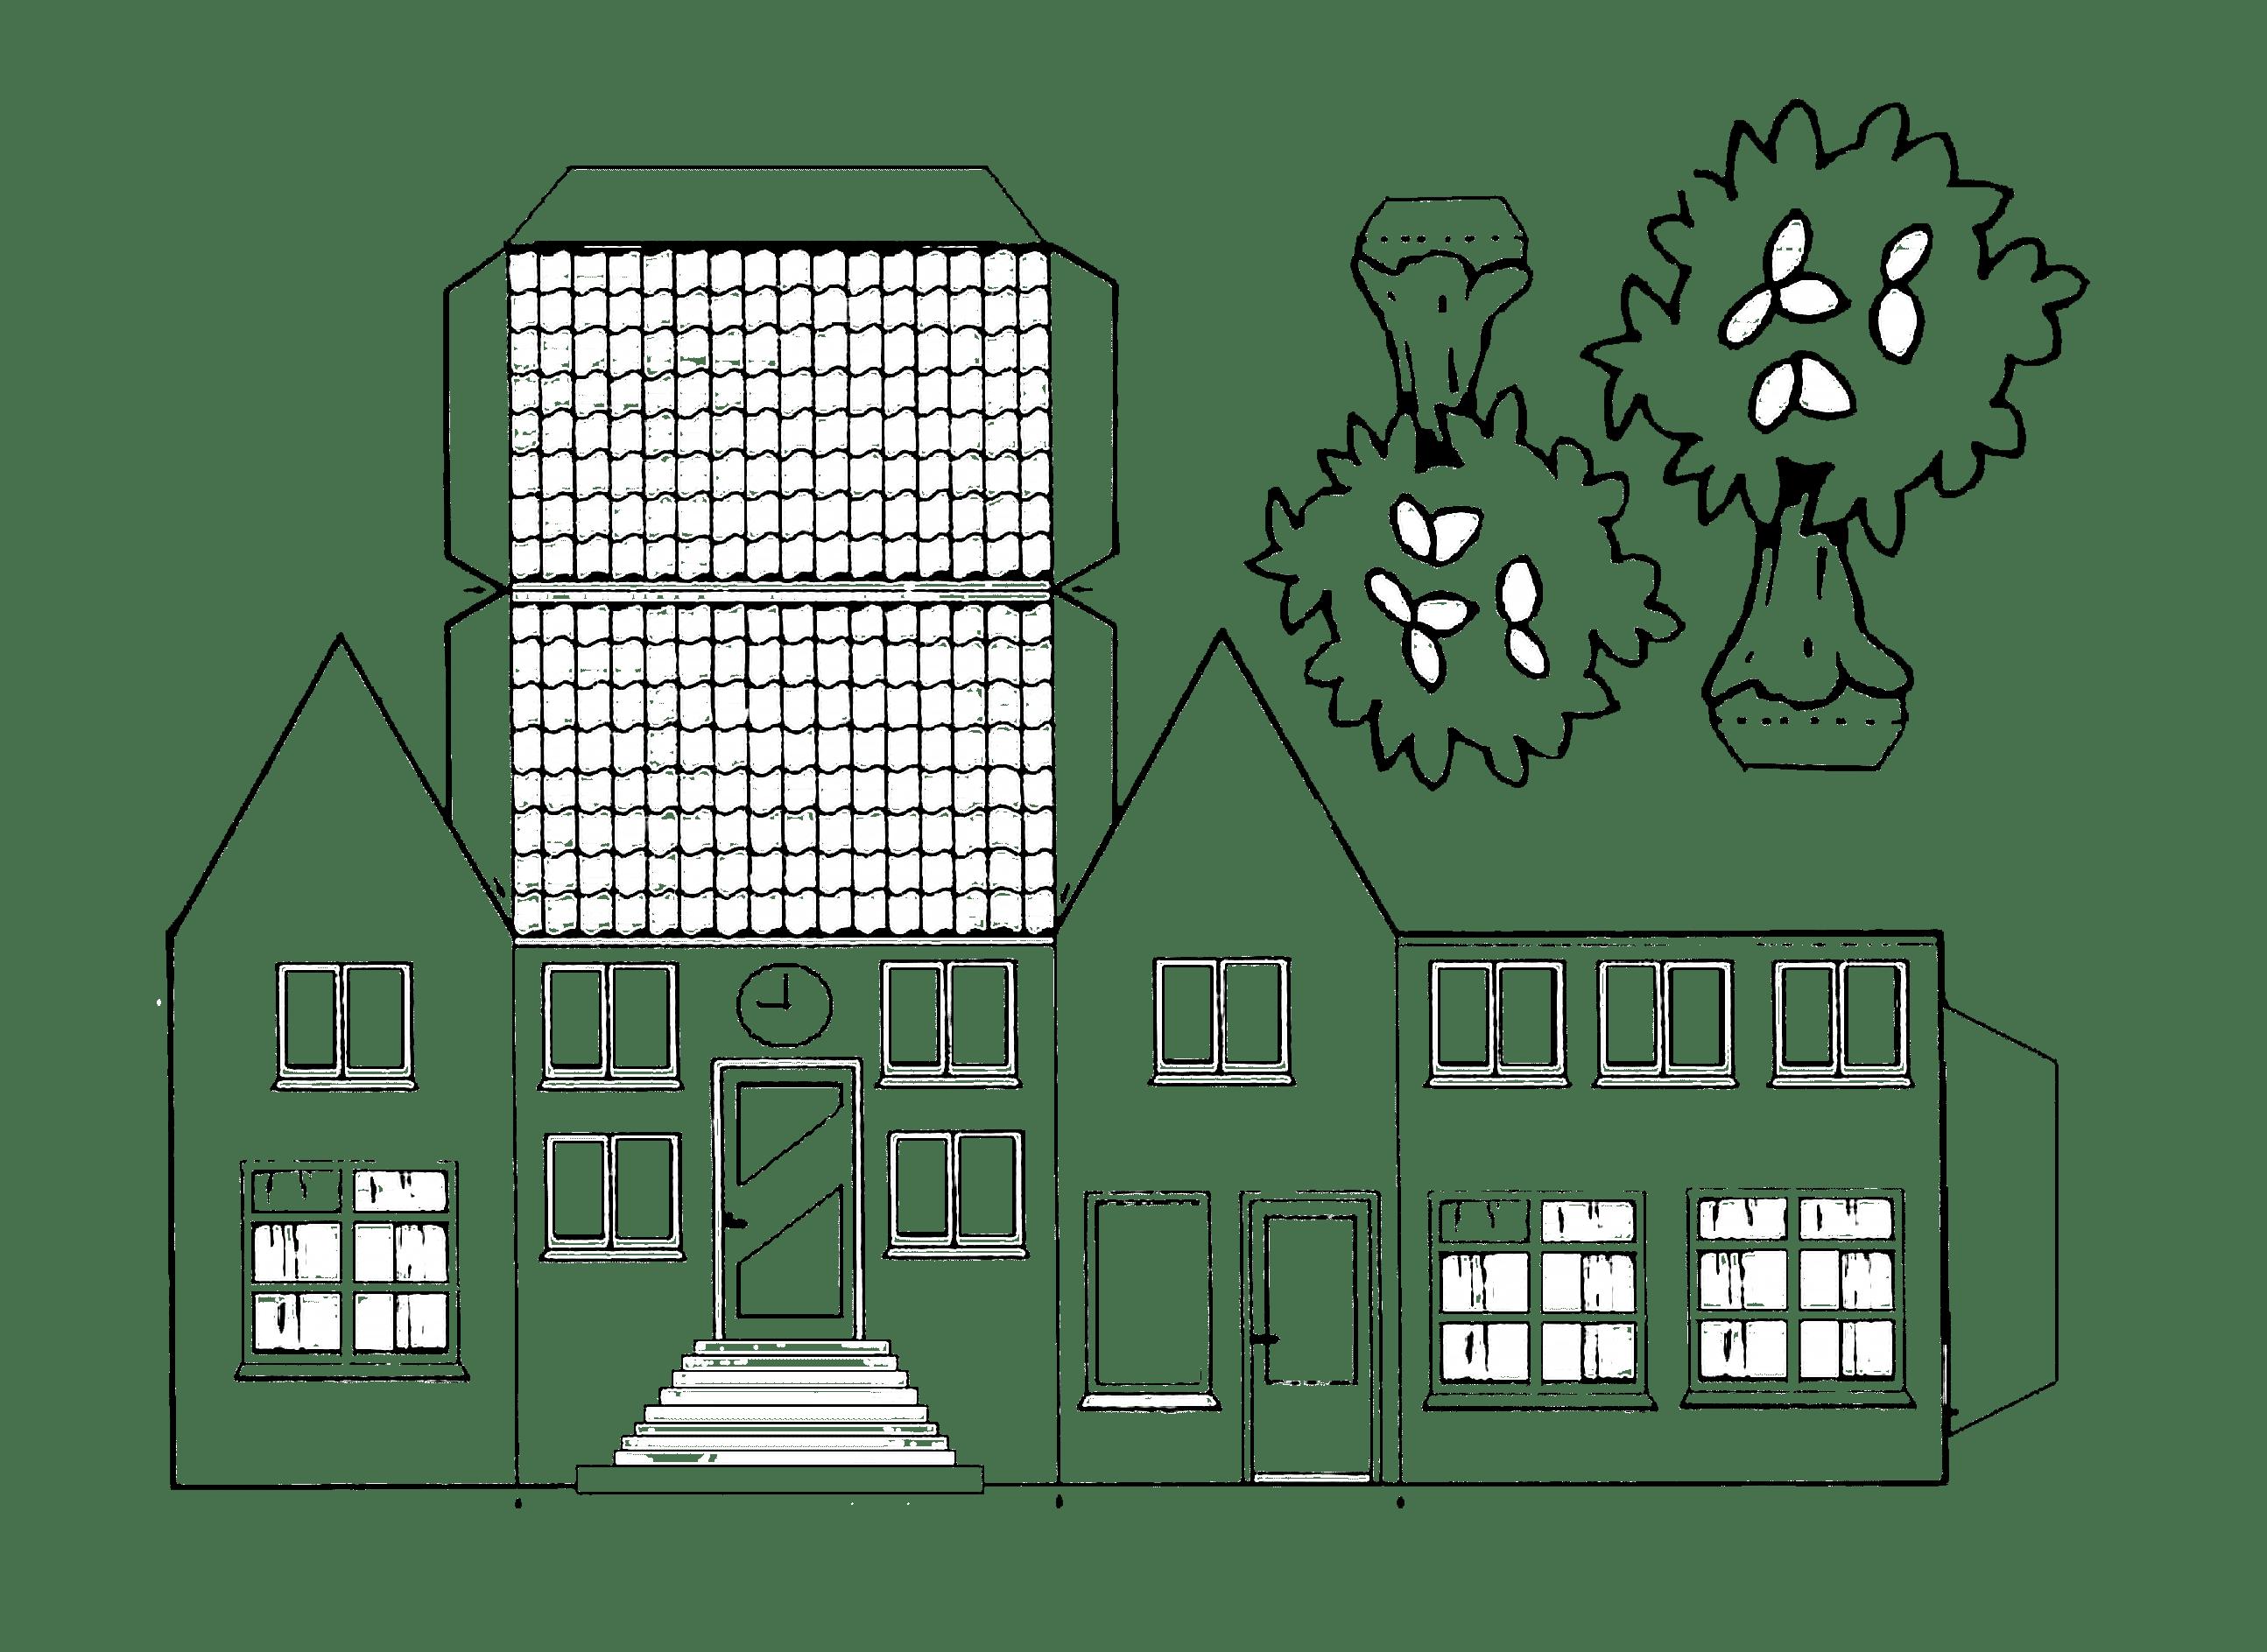 Haus Aus Papier Basteln Vorlagen Dekoking Diy Mehr In 2020 Basteln Mit Papier Vorlagen Basteln Mit Papier Hausvorlage